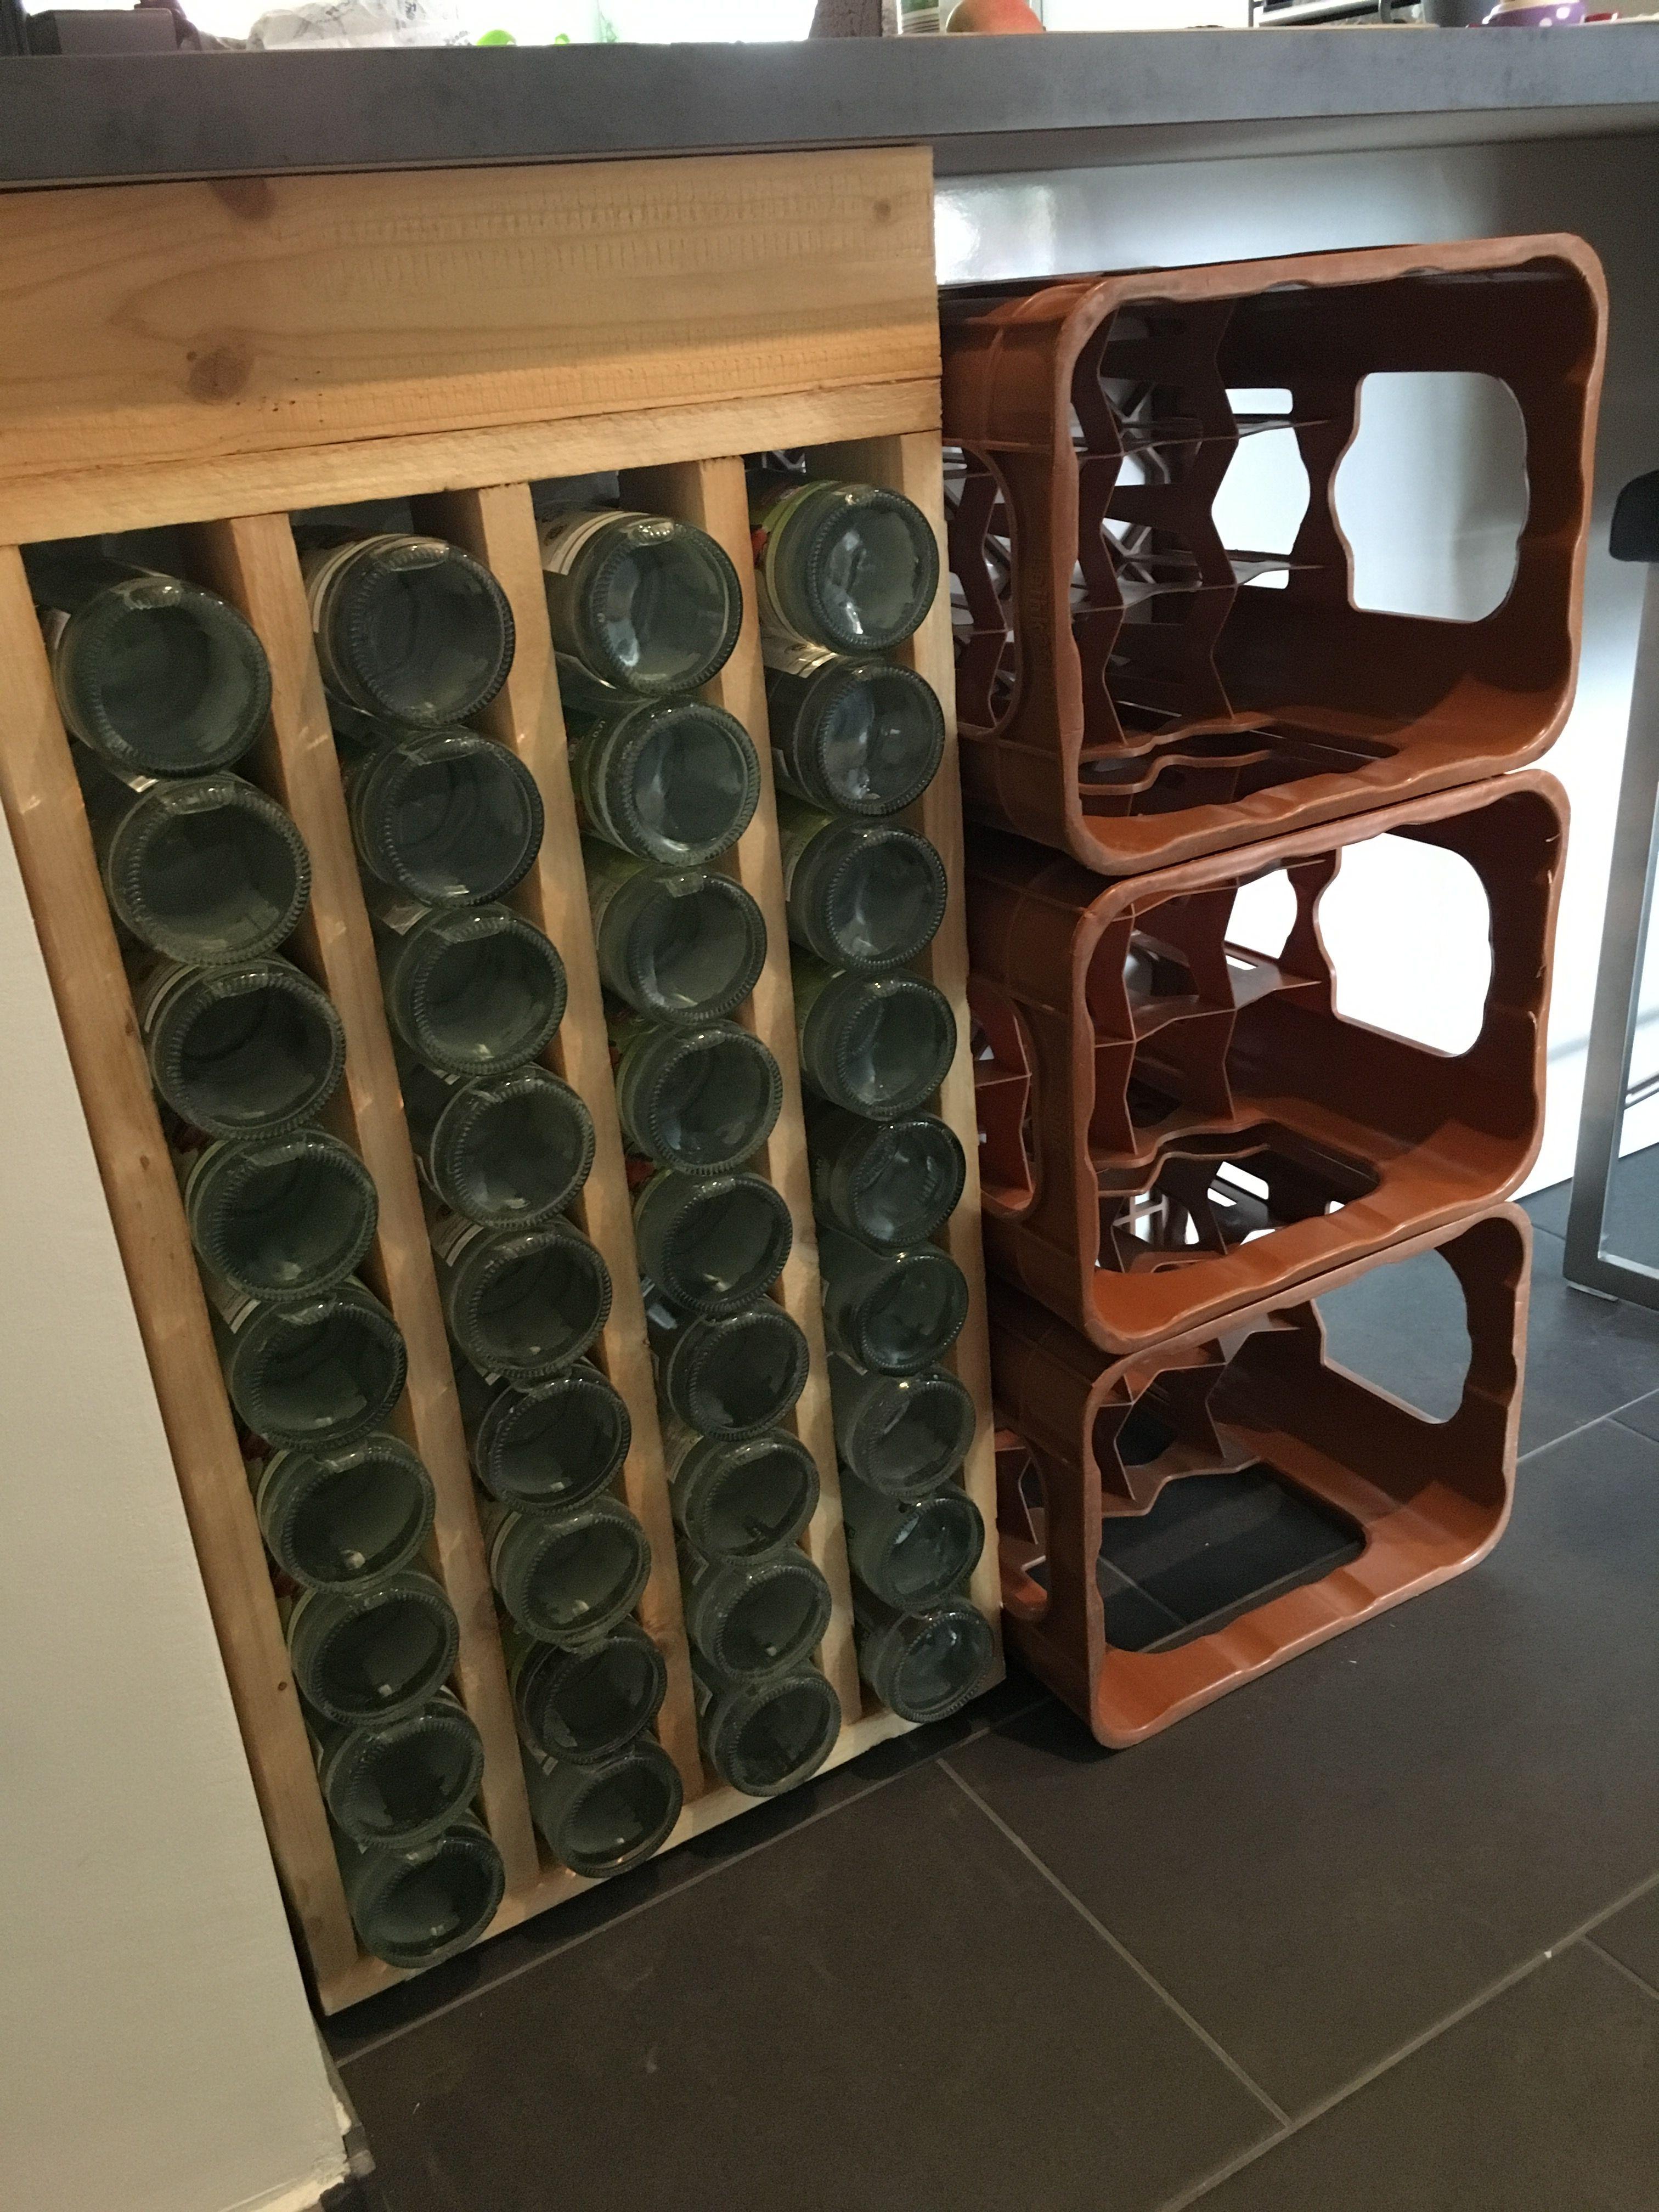 Platz sparen Wasserflasche in der Wohnung